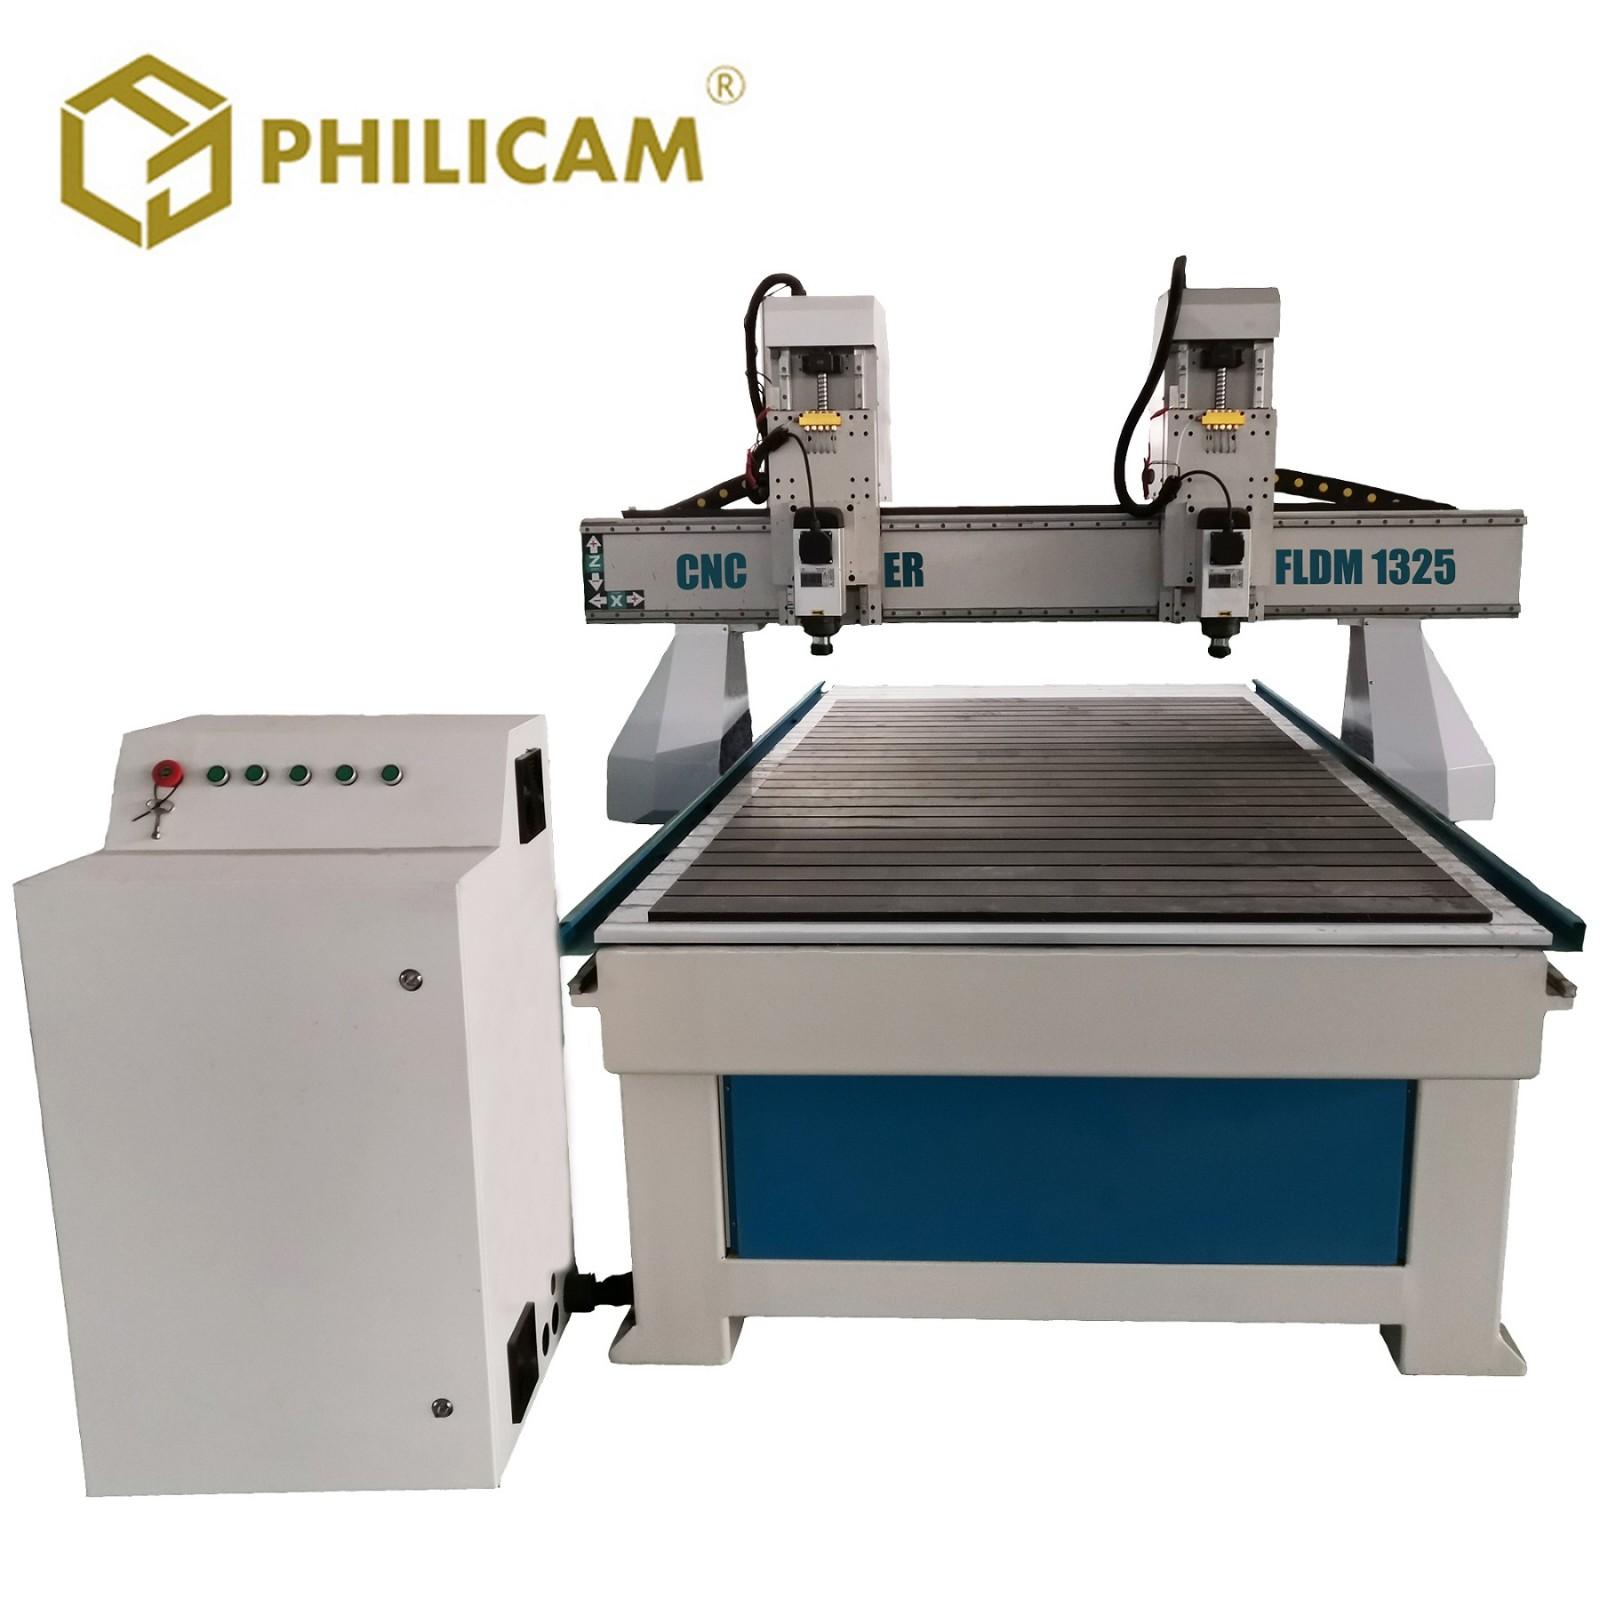 Philicam Double Head CNC Router